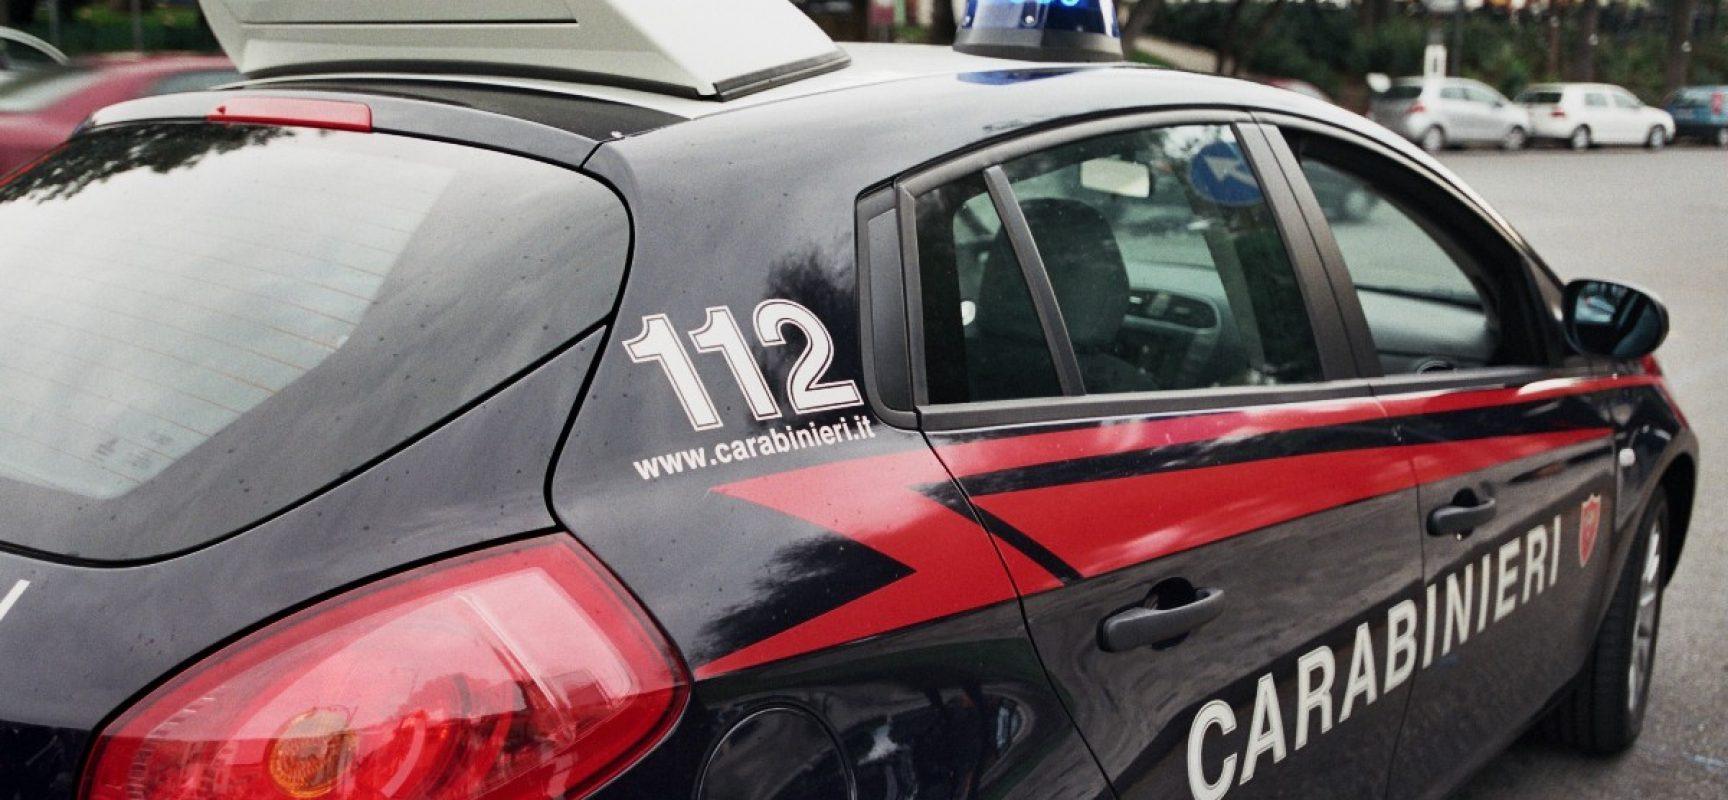 Ruba bici a pedalata assistita, arrestato un 29enne già agli arresti domiciliari